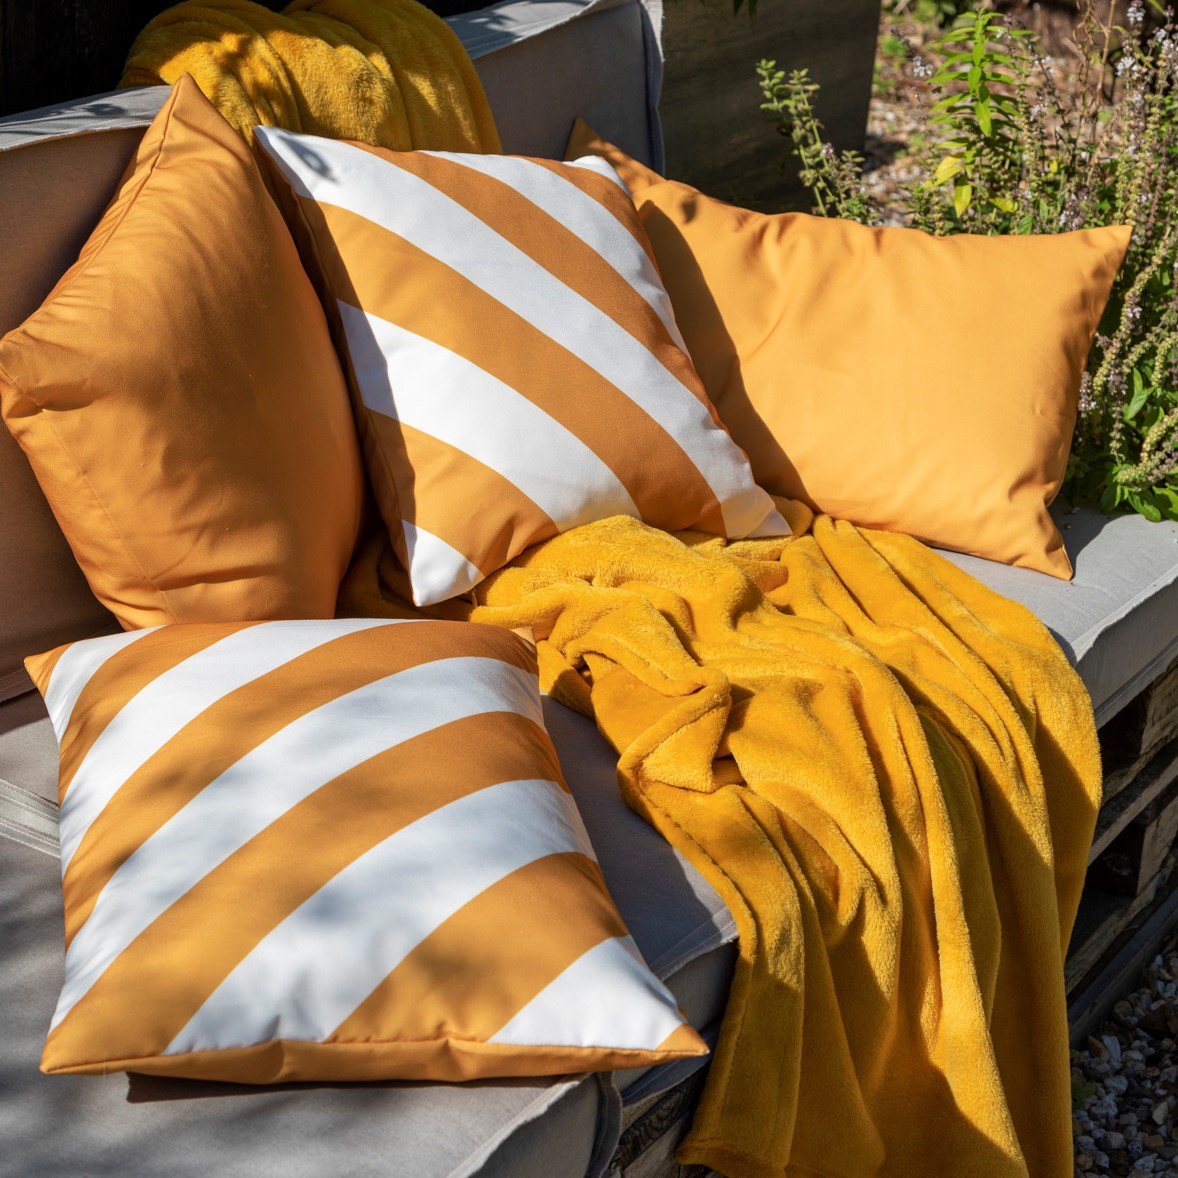 SANZENO - Kussenhoes outdoor Golden Glow 45x45 cm